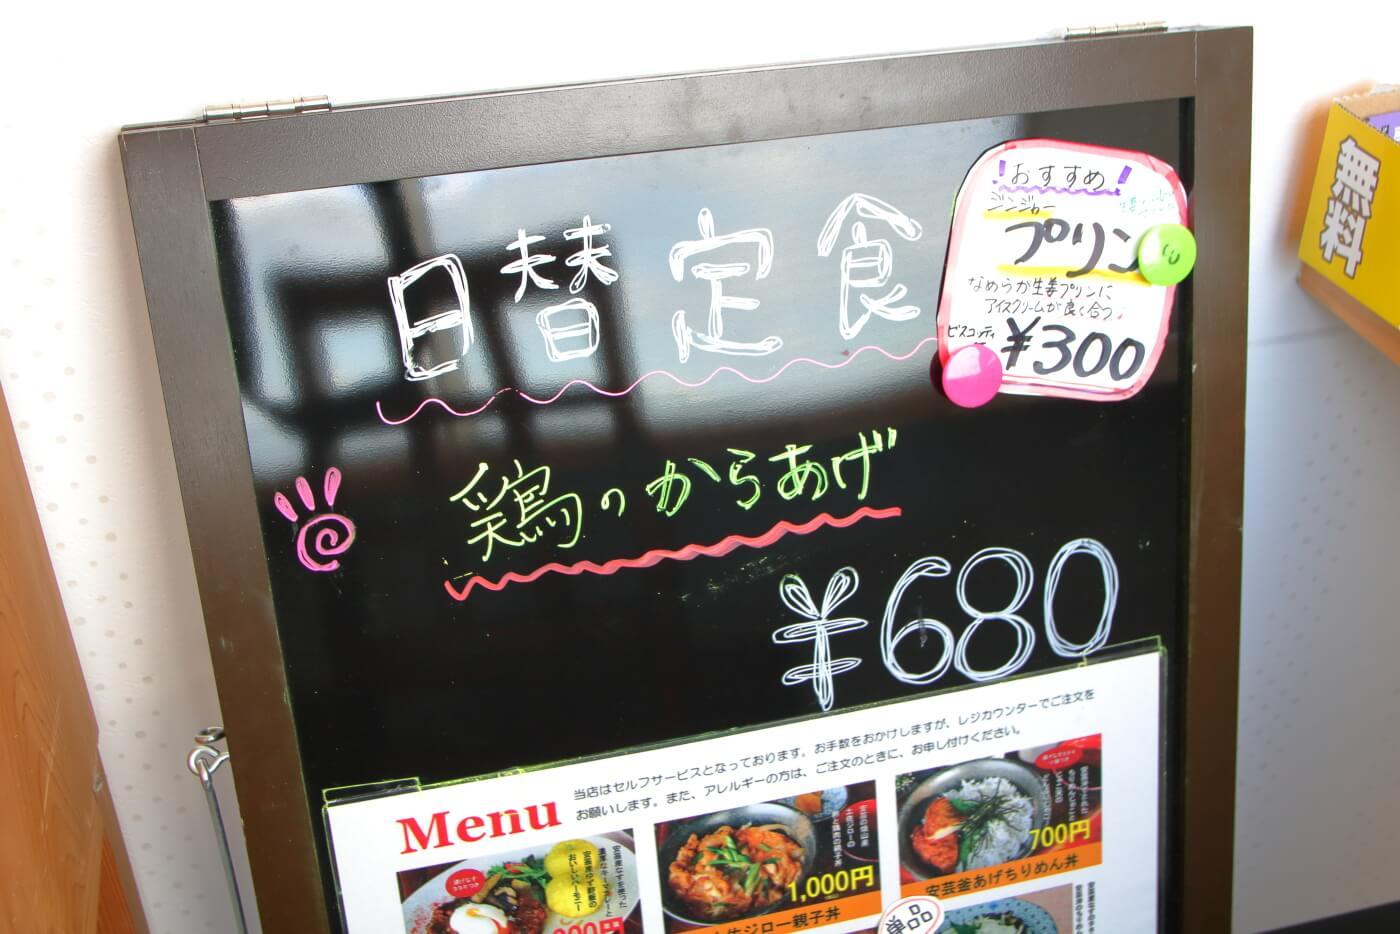 道の駅大山のレストランメニュー